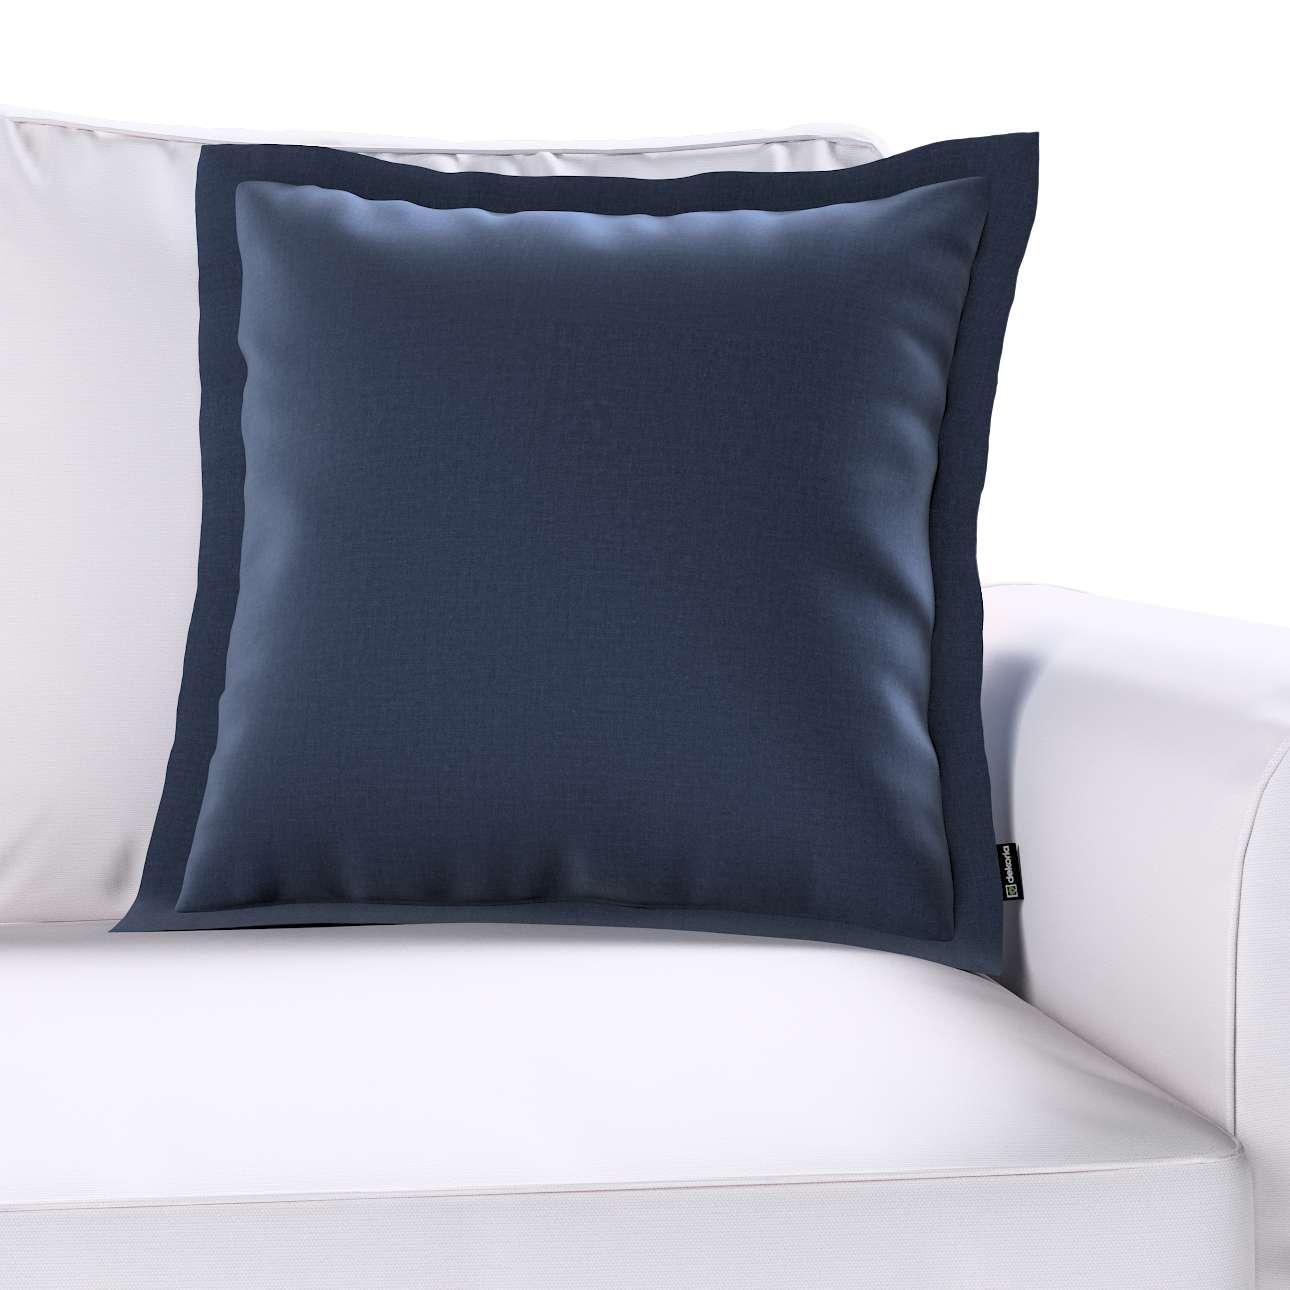 Poszewka Mona na poduszkę w kolekcji Ingrid, tkanina: 705-39